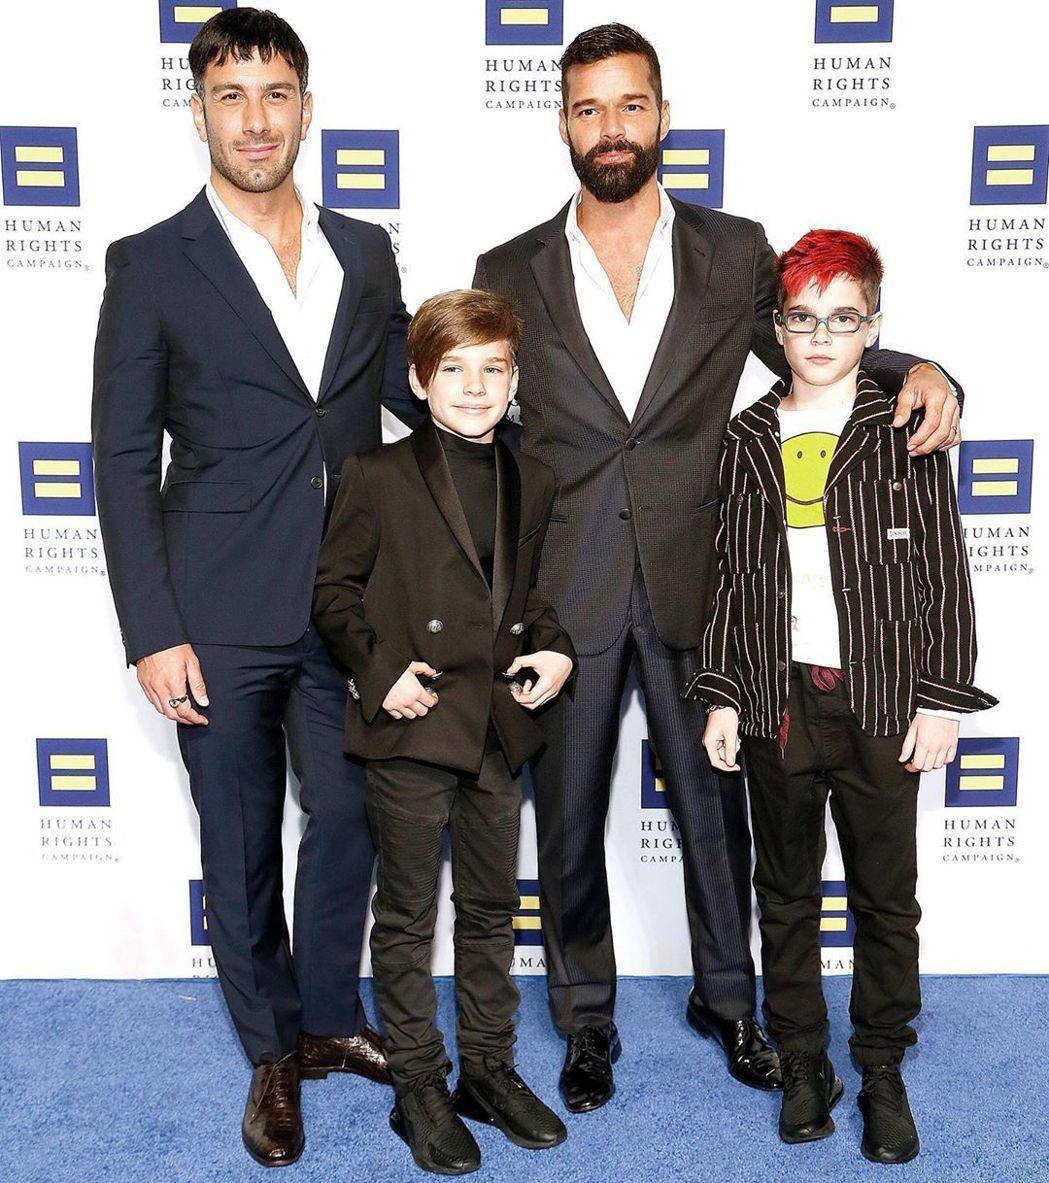 瑞奇馬汀(右2)日前帶著丈夫以及2個小孩出席華盛頓的國家人權運動晚宴。圖/摘自I